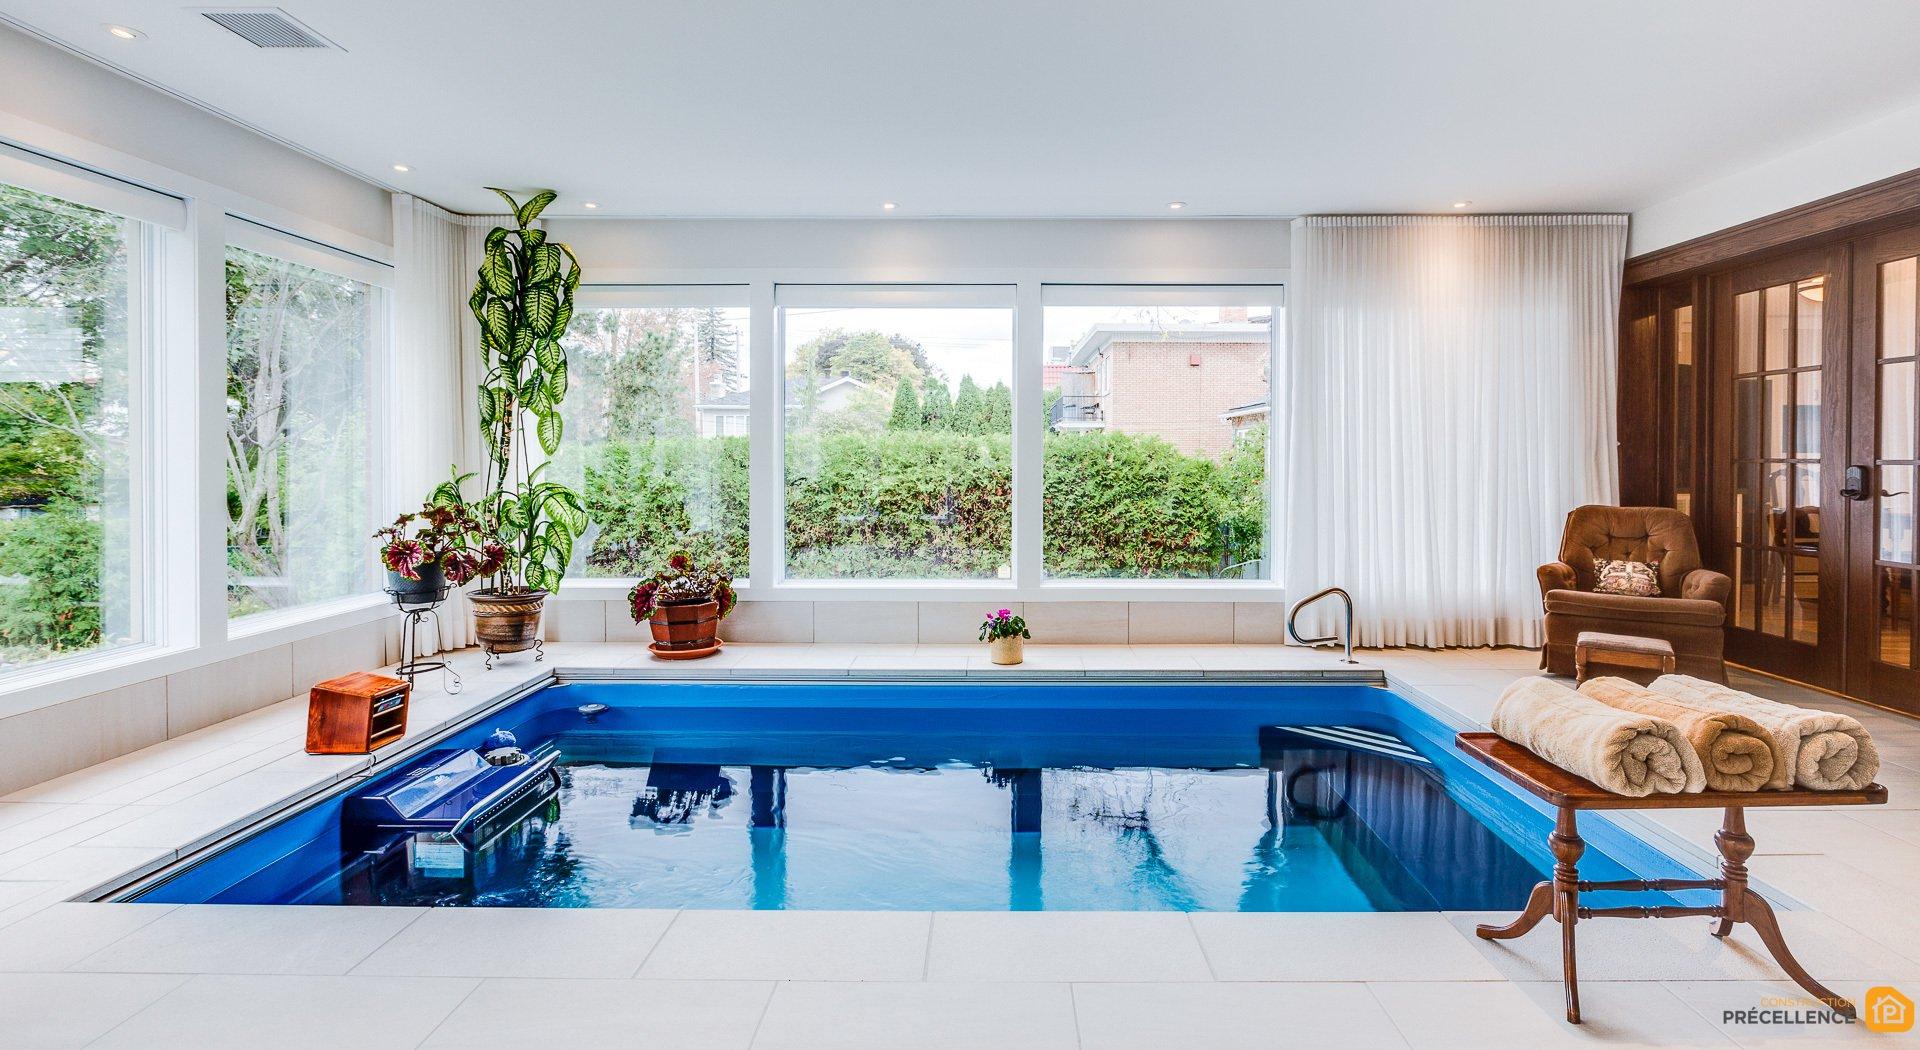 Faire Construire Une Piscine Intérieure construction de piscine intérieure et agrandissement